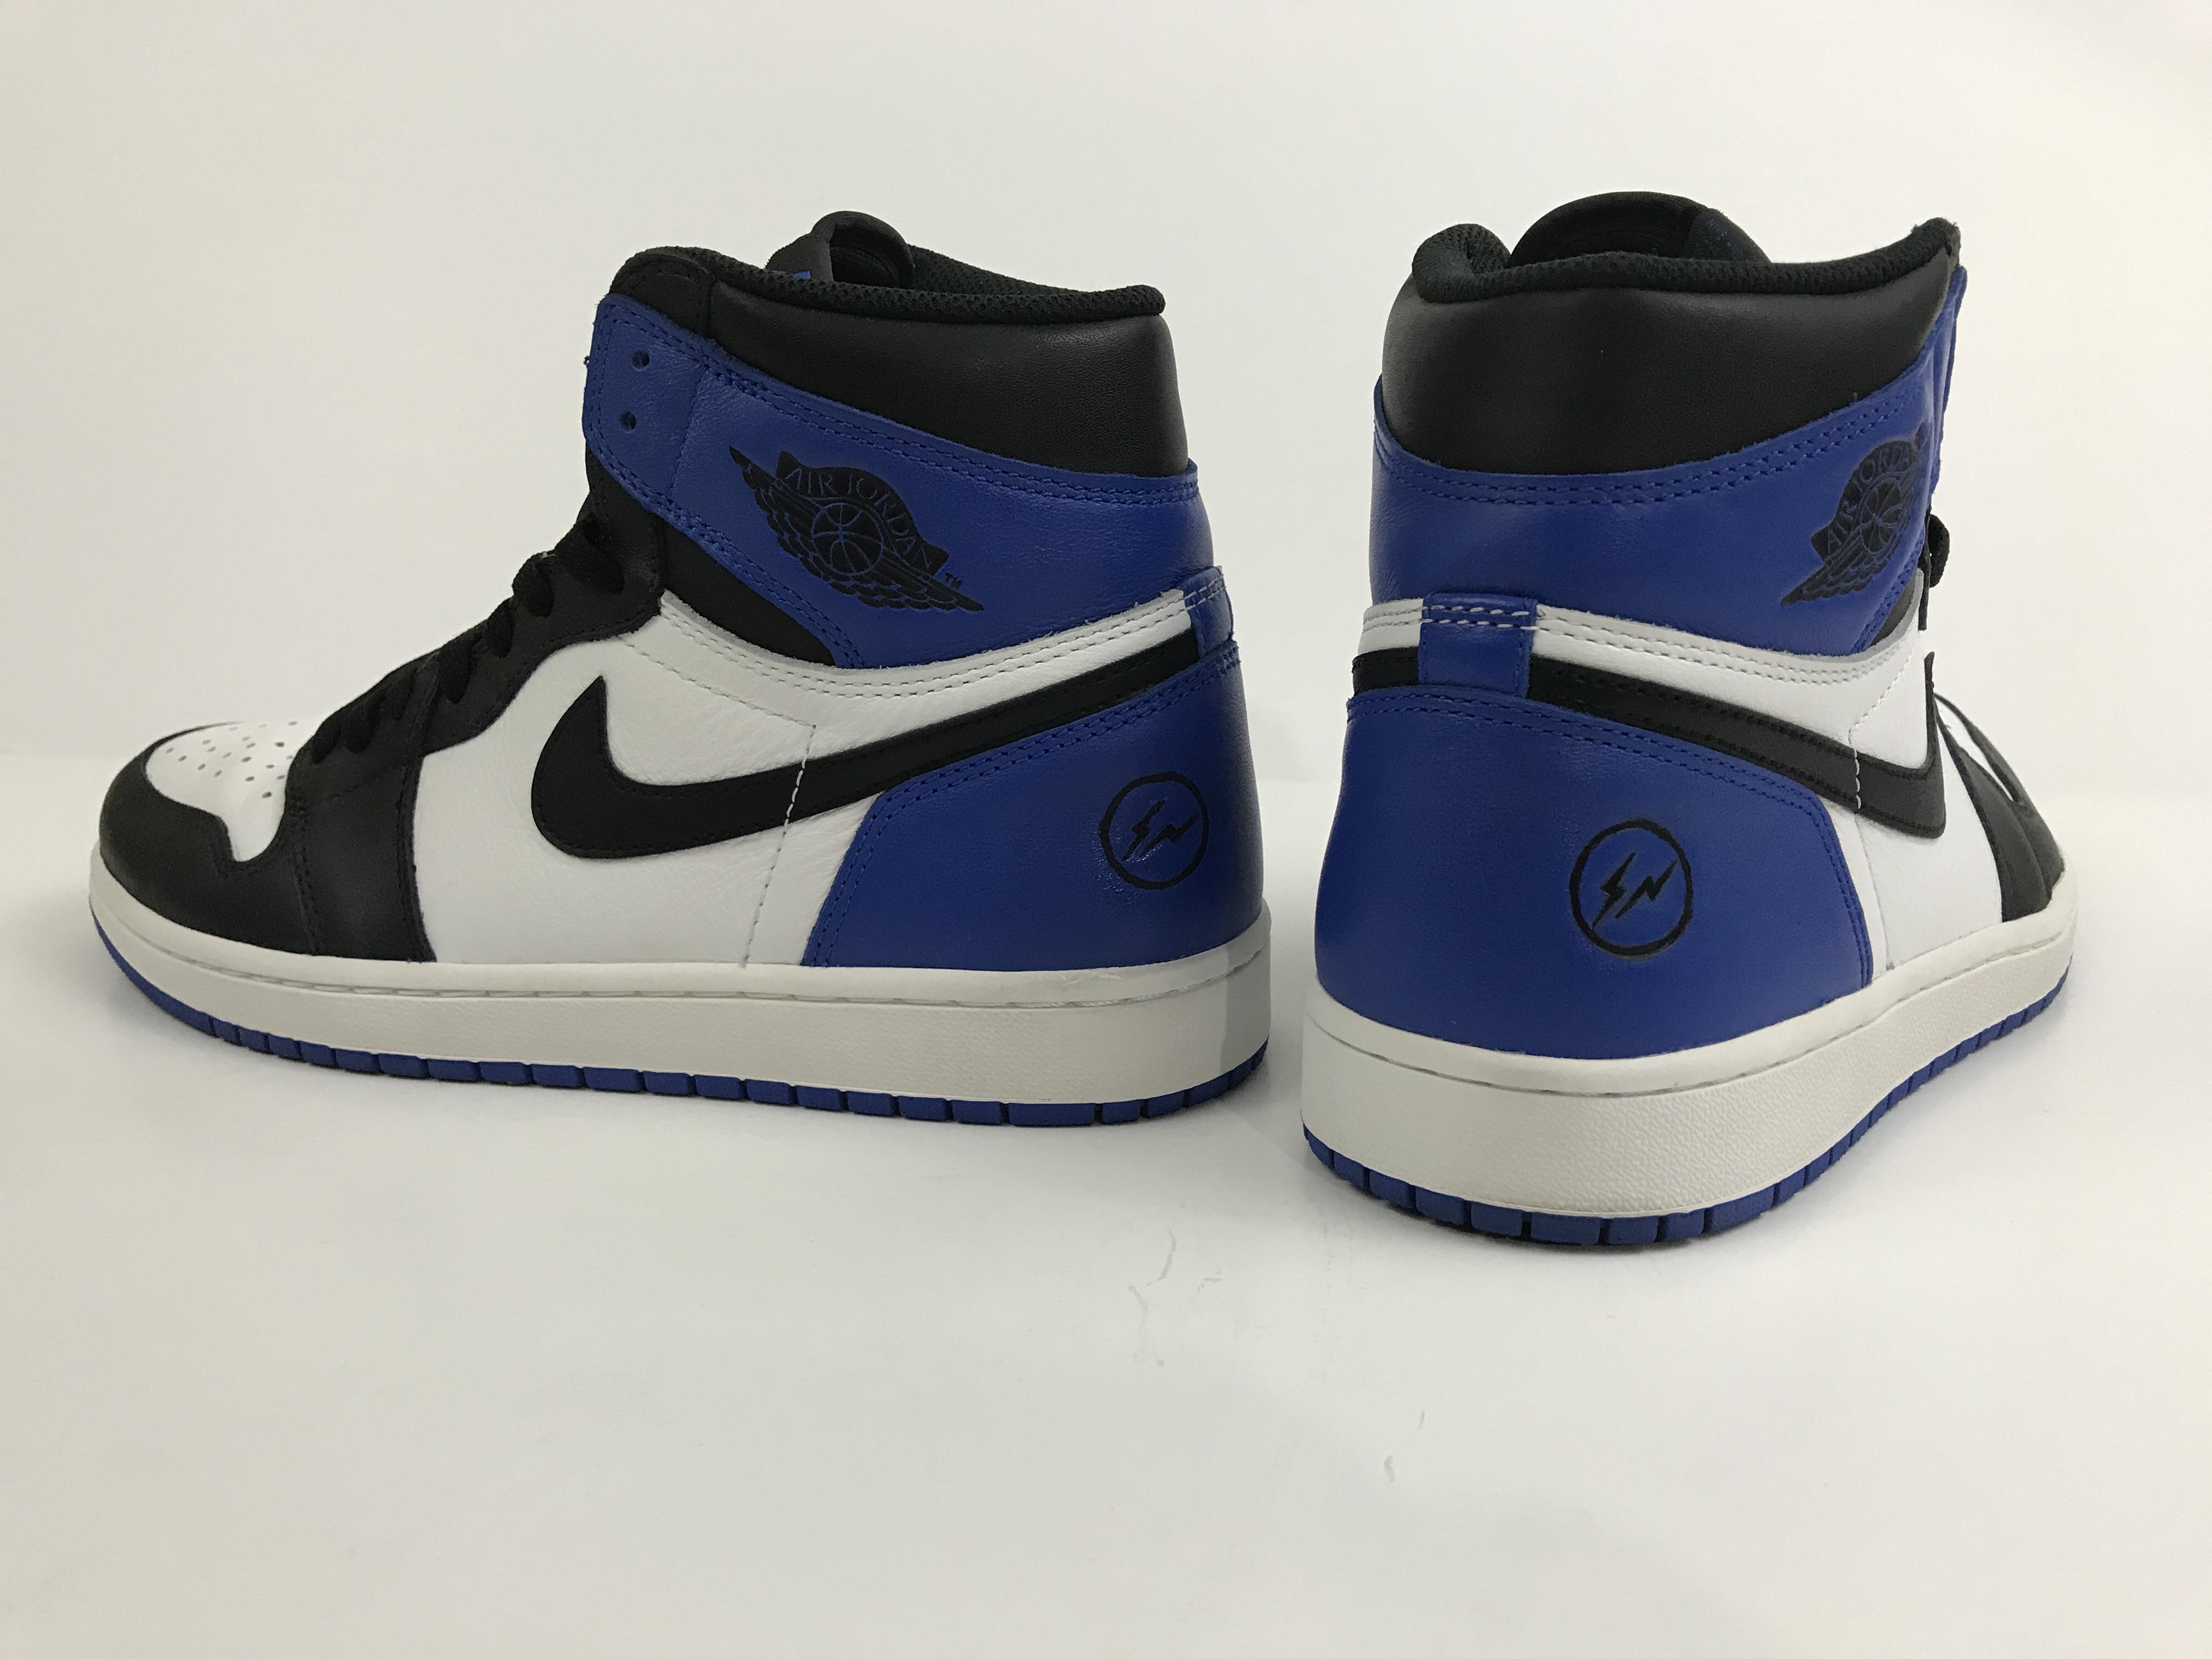 3eff7d7f222 Nike Game Royal 1s - Fragment 1s Custom | Grailed